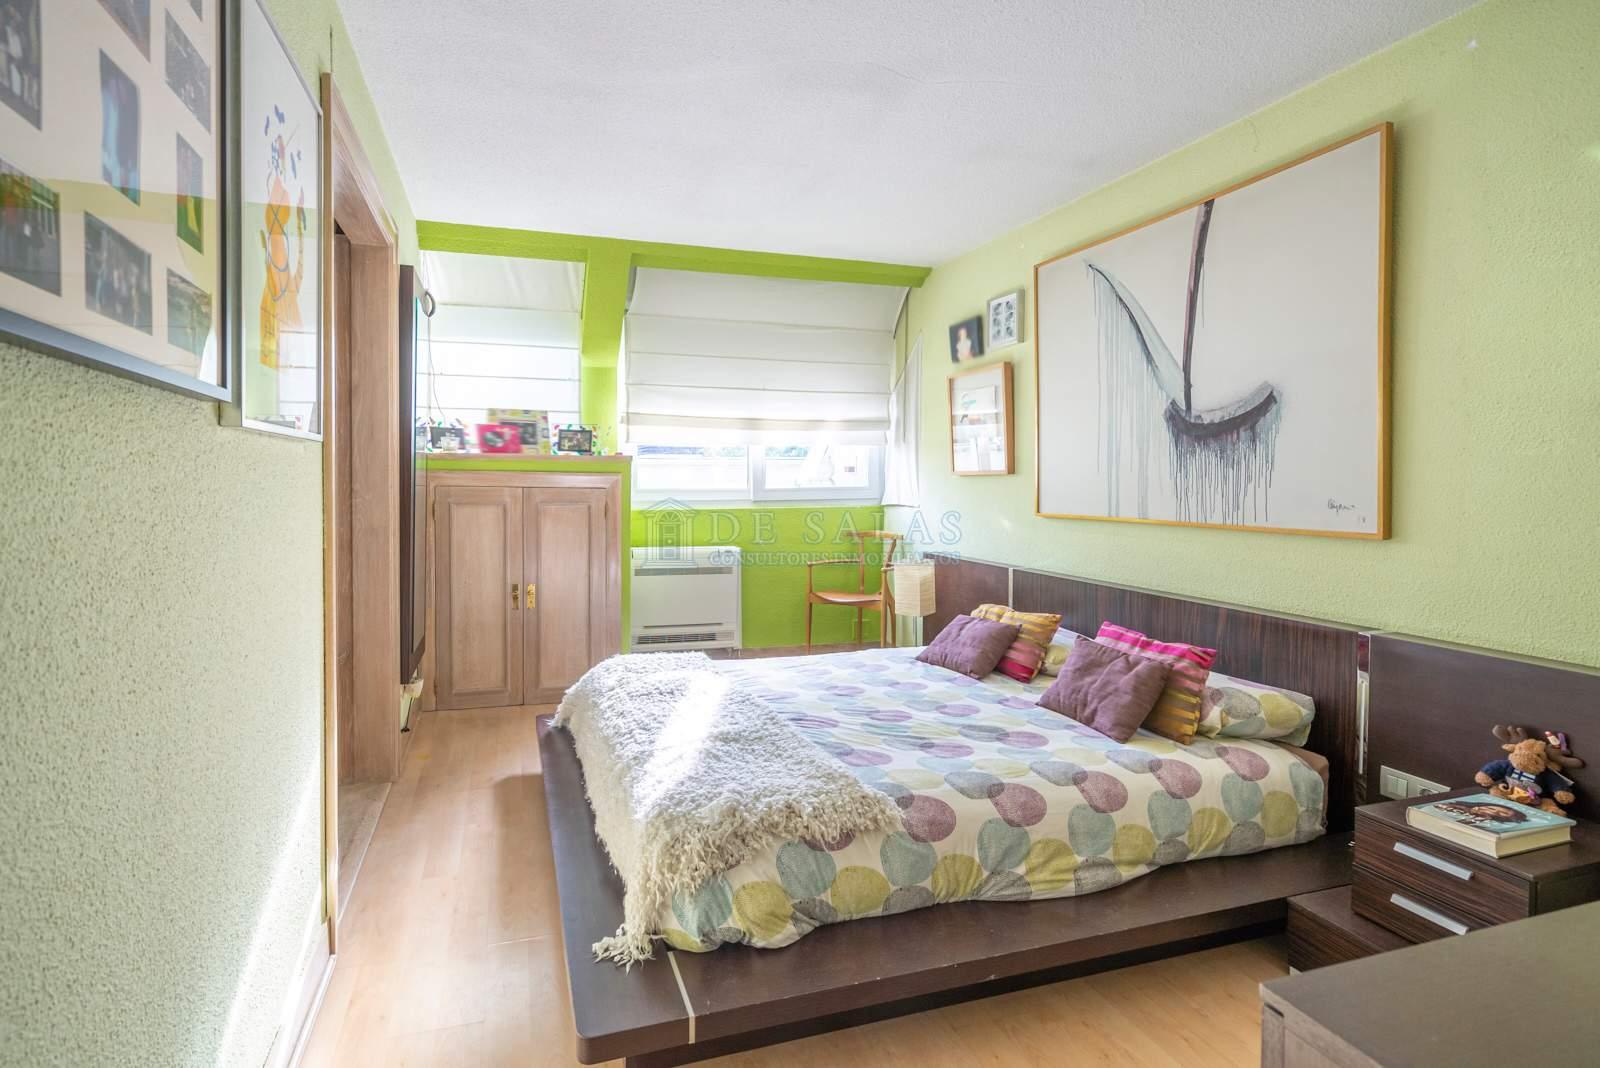 Dormitorio-41 House La Moraleja